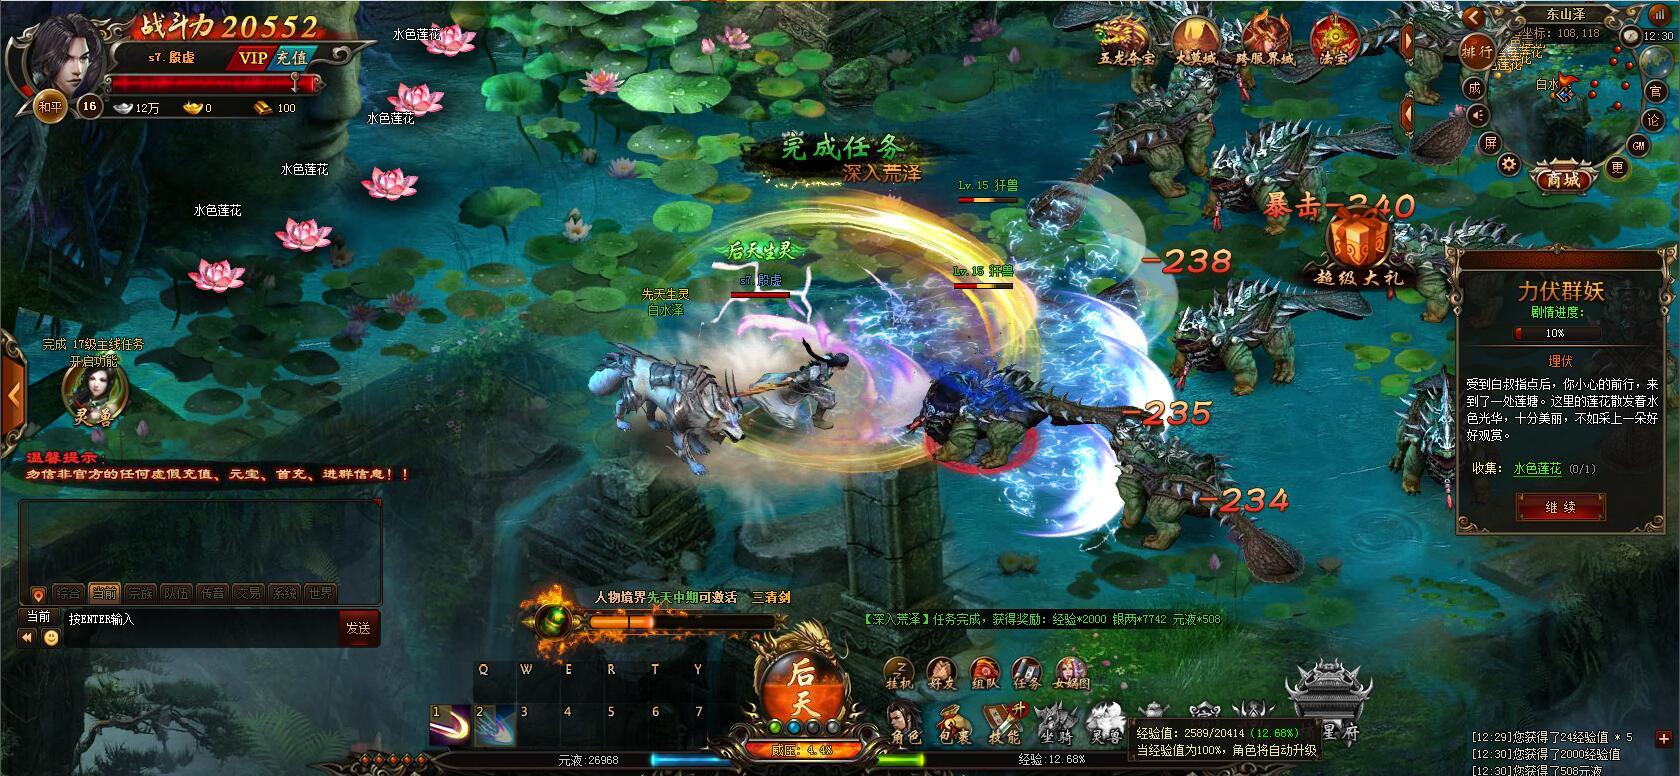 天下武林游戏截图1